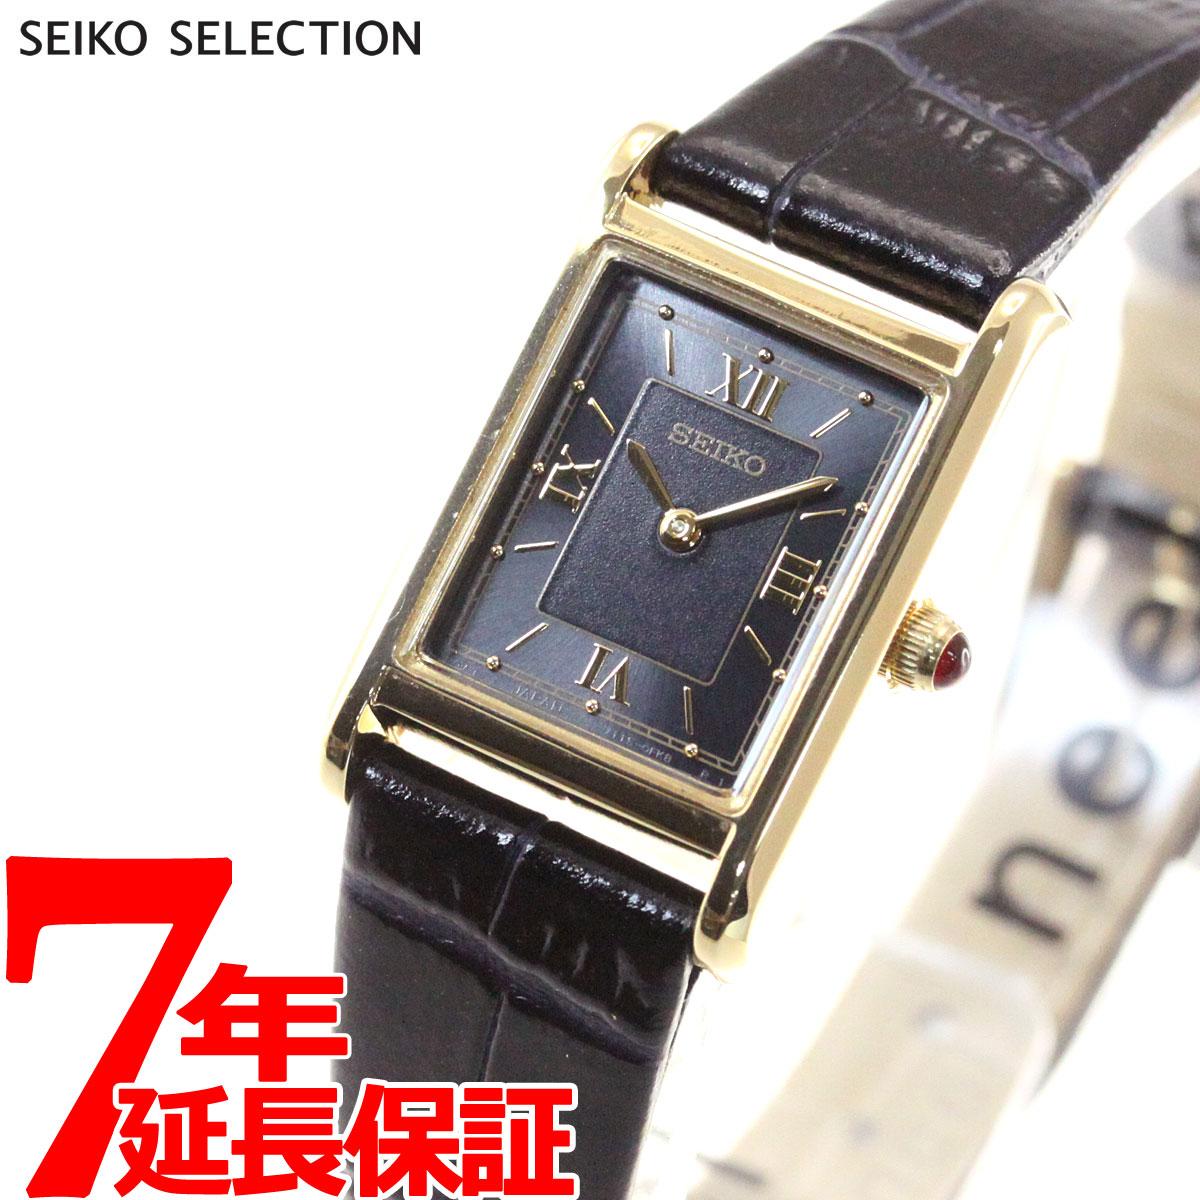 【5日0時~♪2000円OFFクーポン&店内ポイント最大51倍!5日23時59分まで】セイコー セレクション SEIKO SELECTION ソーラー 流通限定モデル 腕時計 レディース ナノ・ユニバース nano・universe STPR070